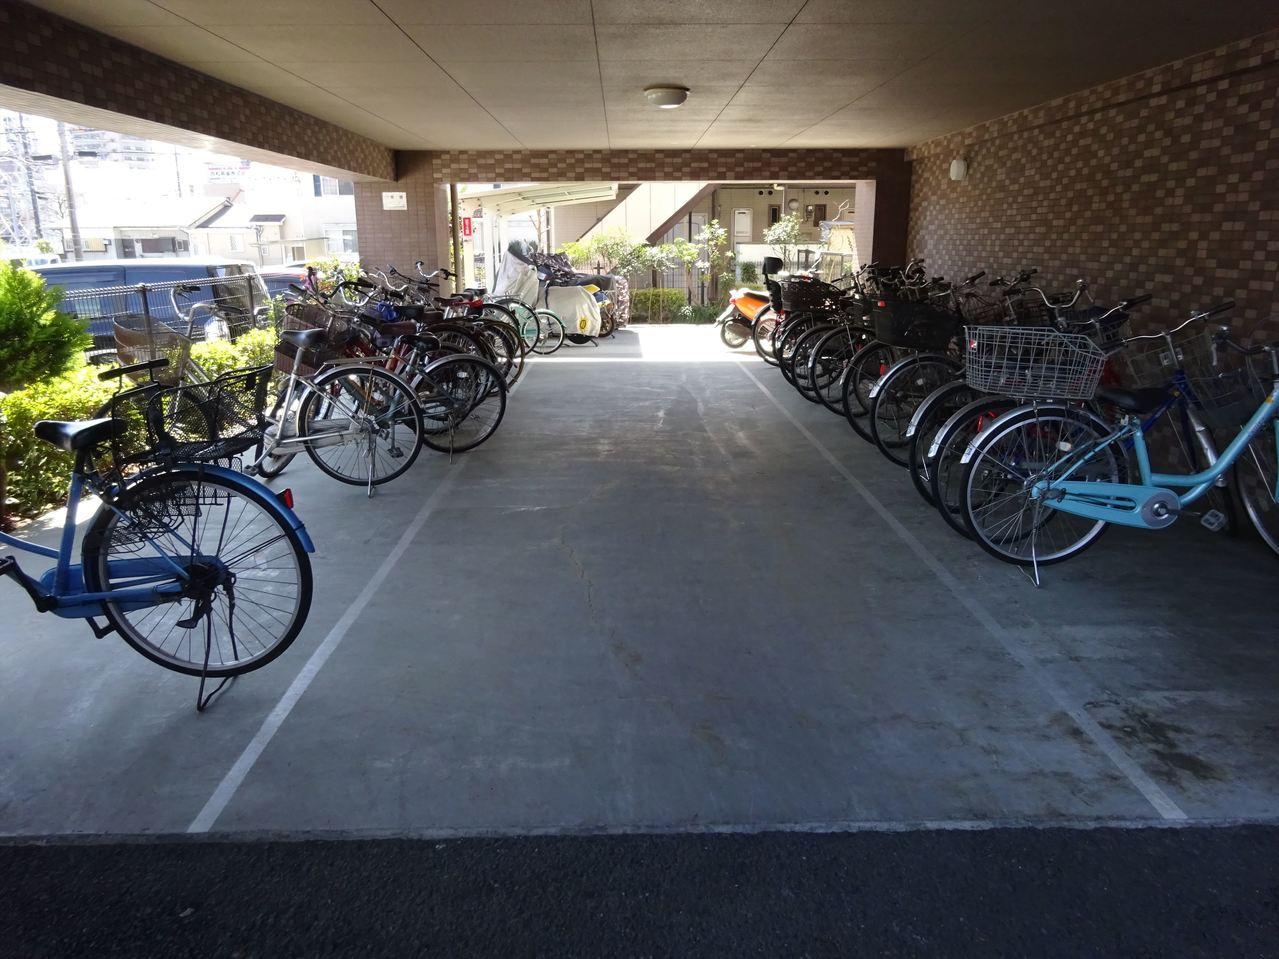 屋根付の駐輪場は電気自転車を置いても安心です。